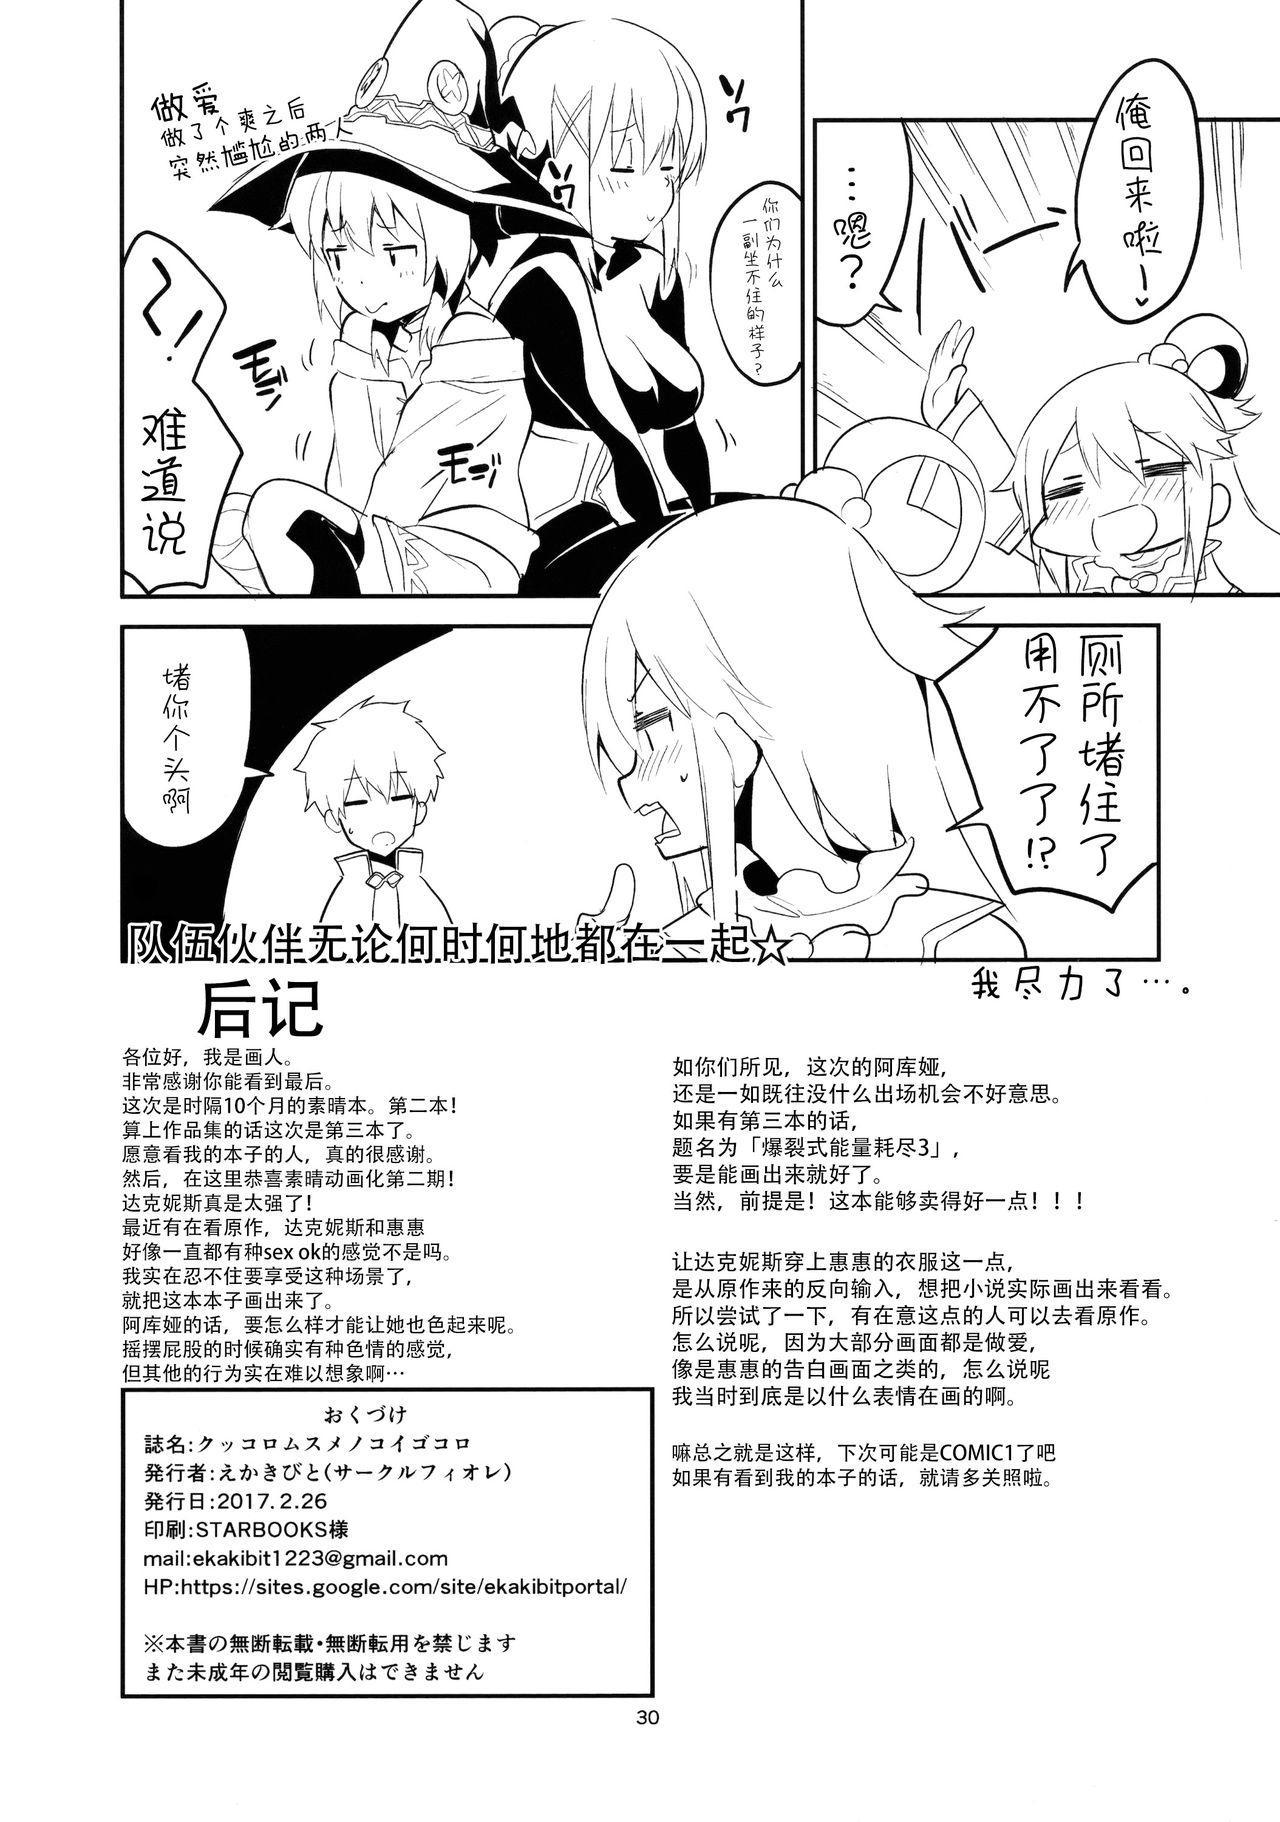 Kukkoro Musume no Koigokoro 29